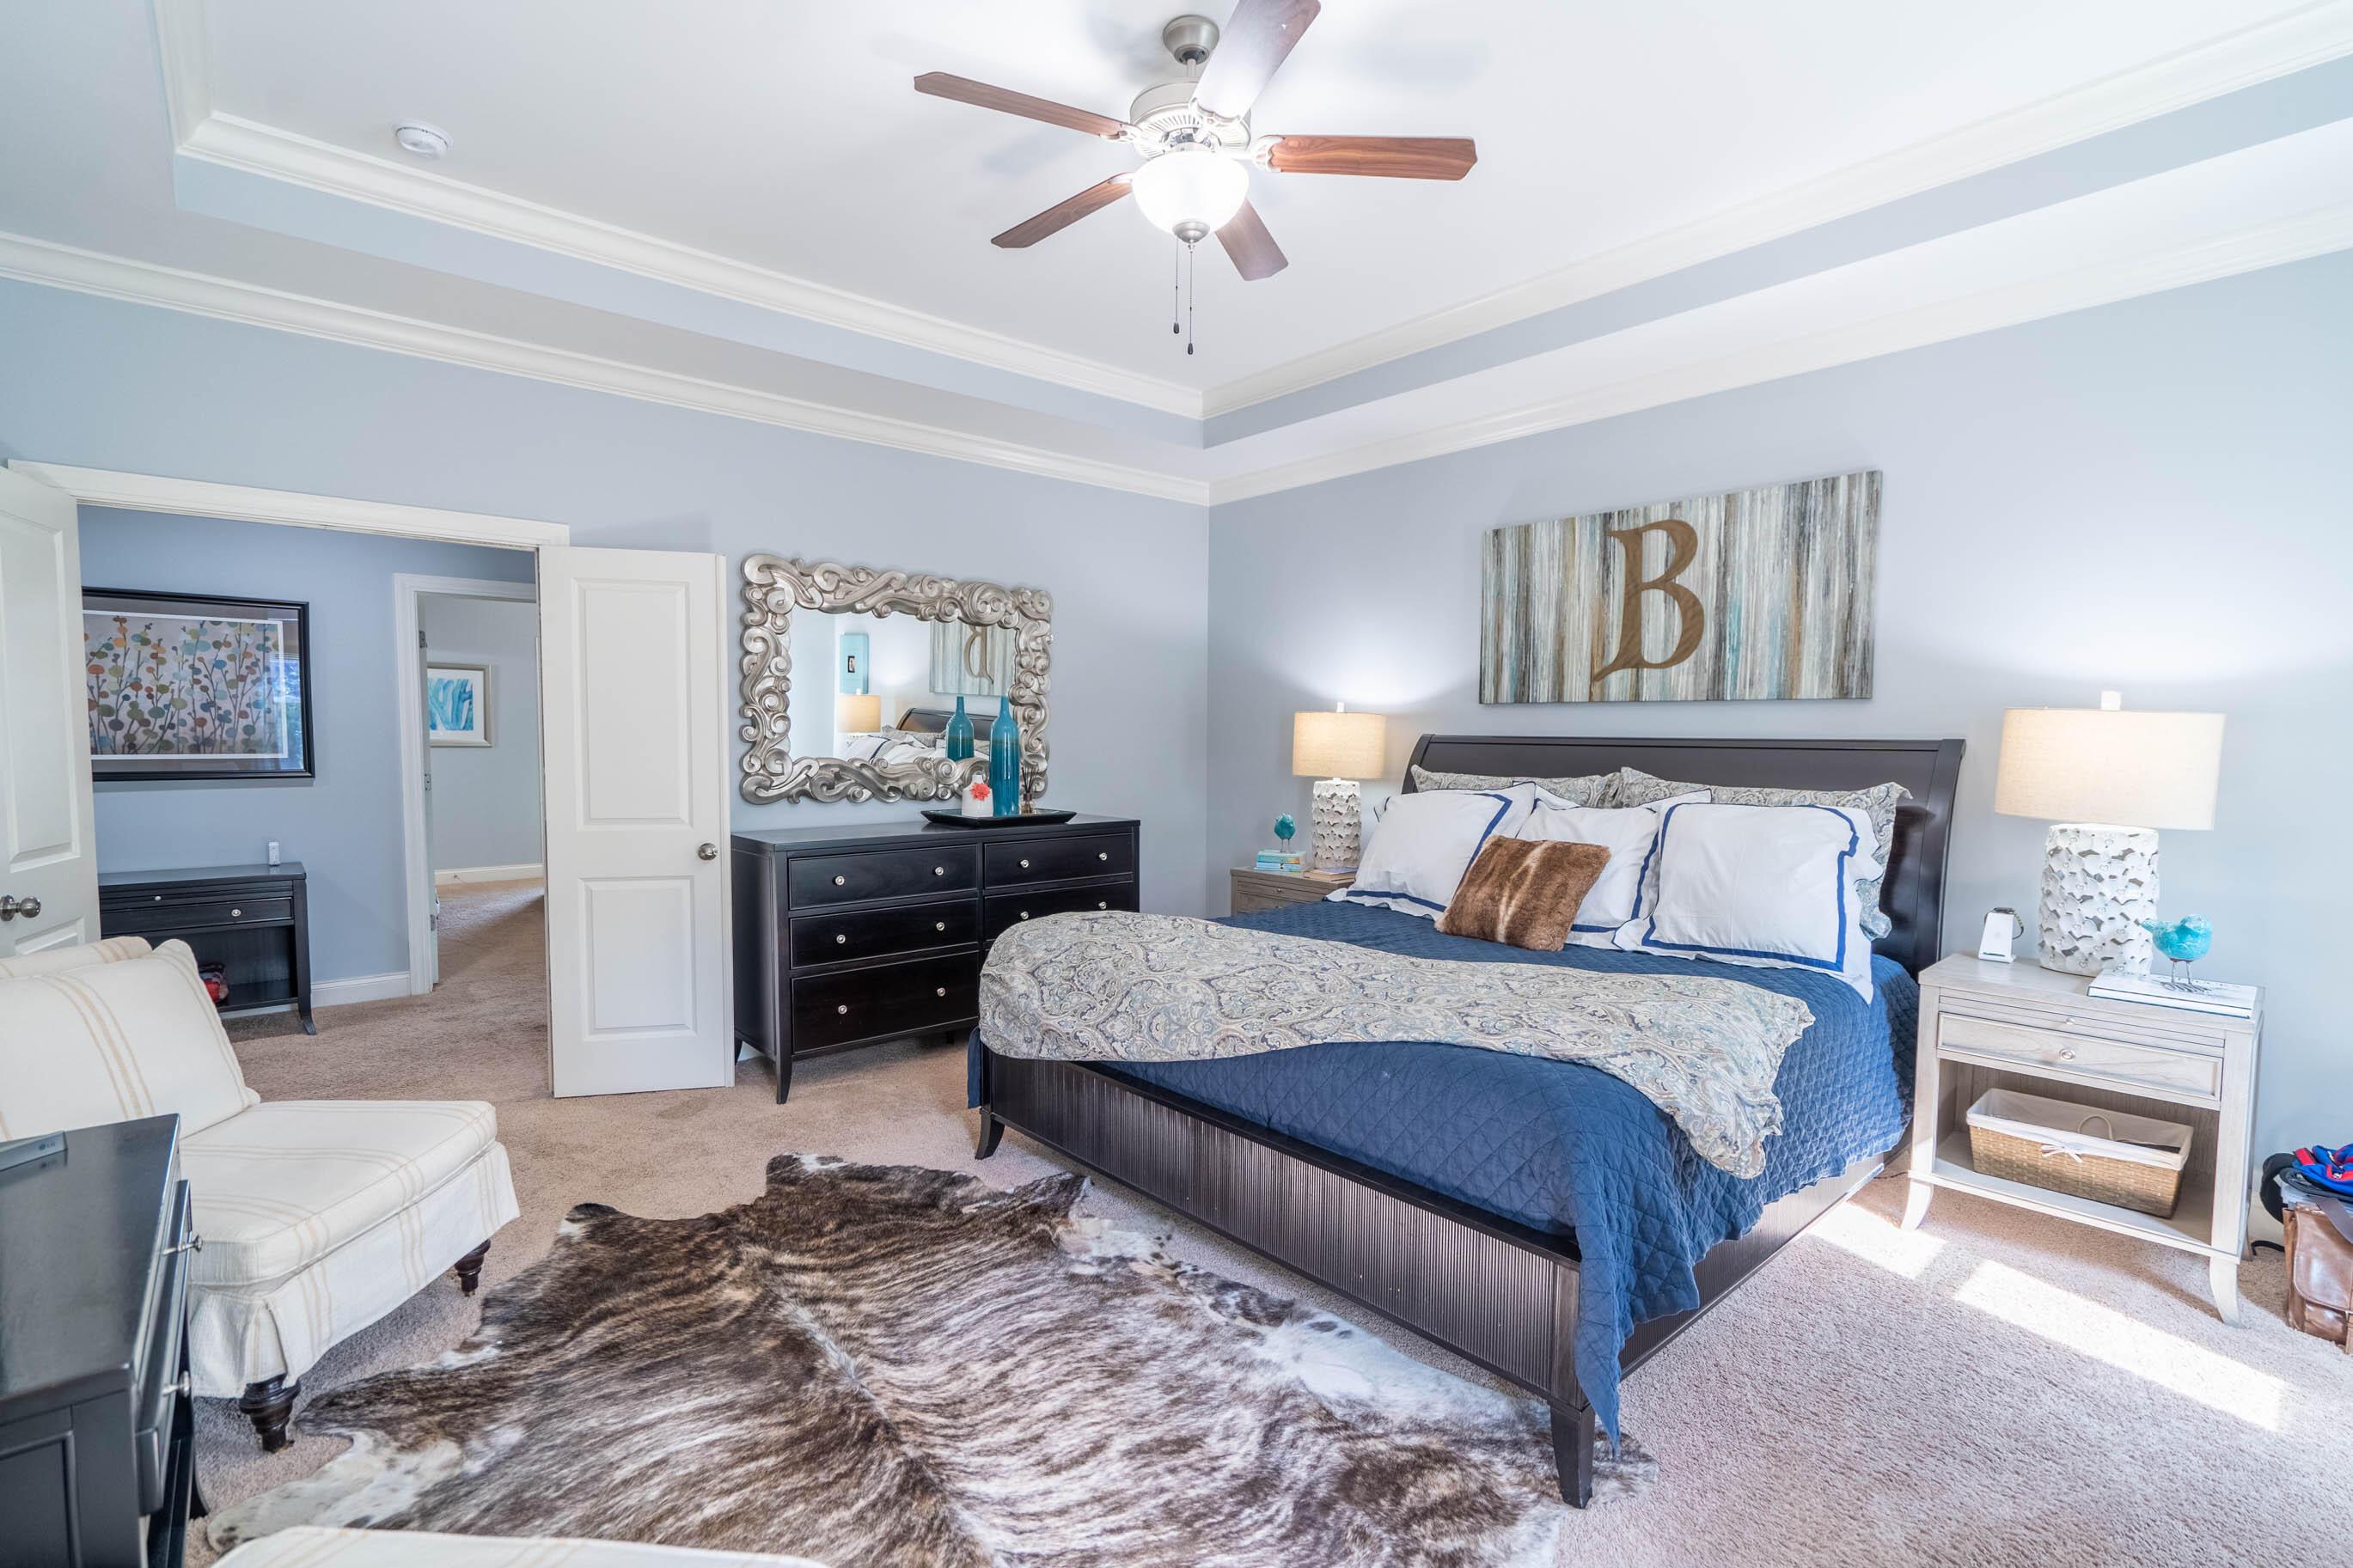 Dunes West Homes For Sale - 2997 Sturbridge, Mount Pleasant, SC - 44